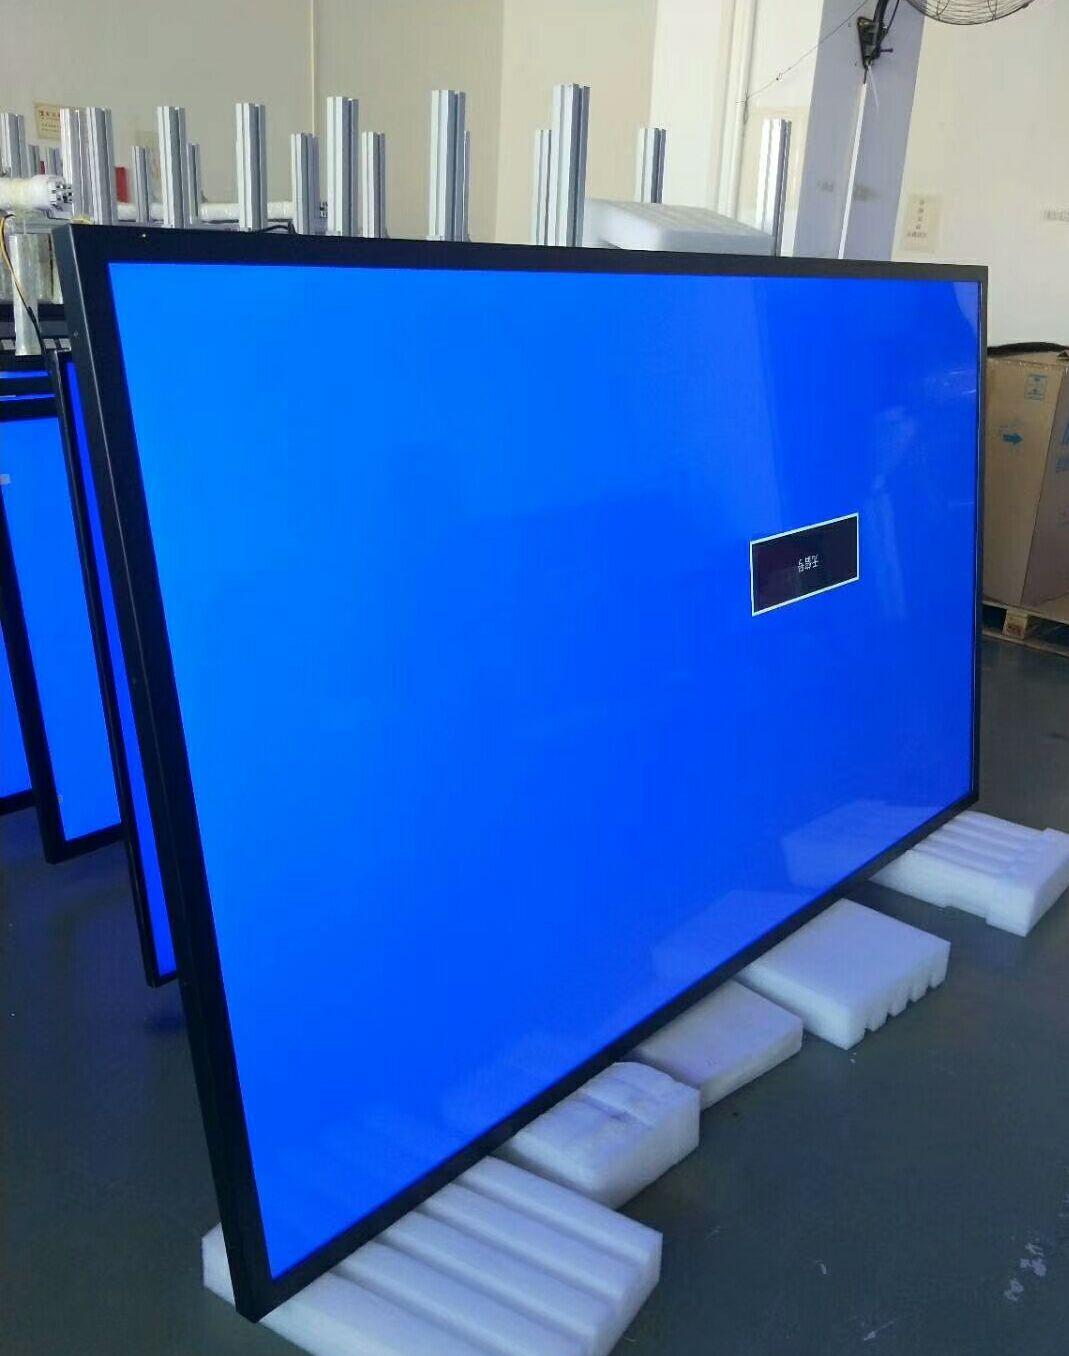 云敏视液晶监视器专业生产厂家产品图片高清大图,本图片由山东云敏视智能科技有限公司提供。